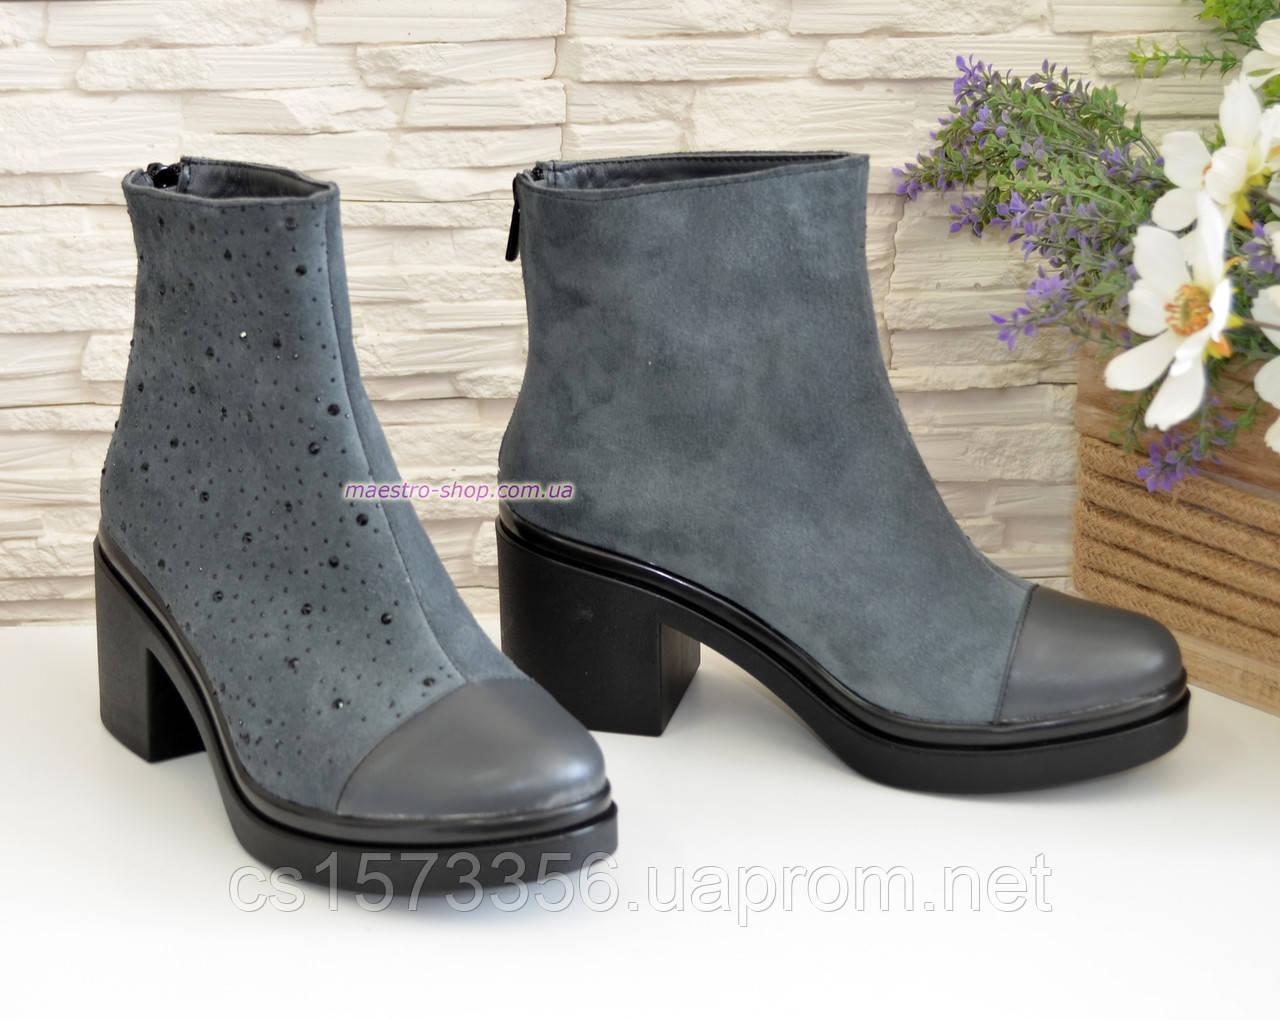 Ботинки зимние женские на устойчивом каблуке, натуральная серая замша